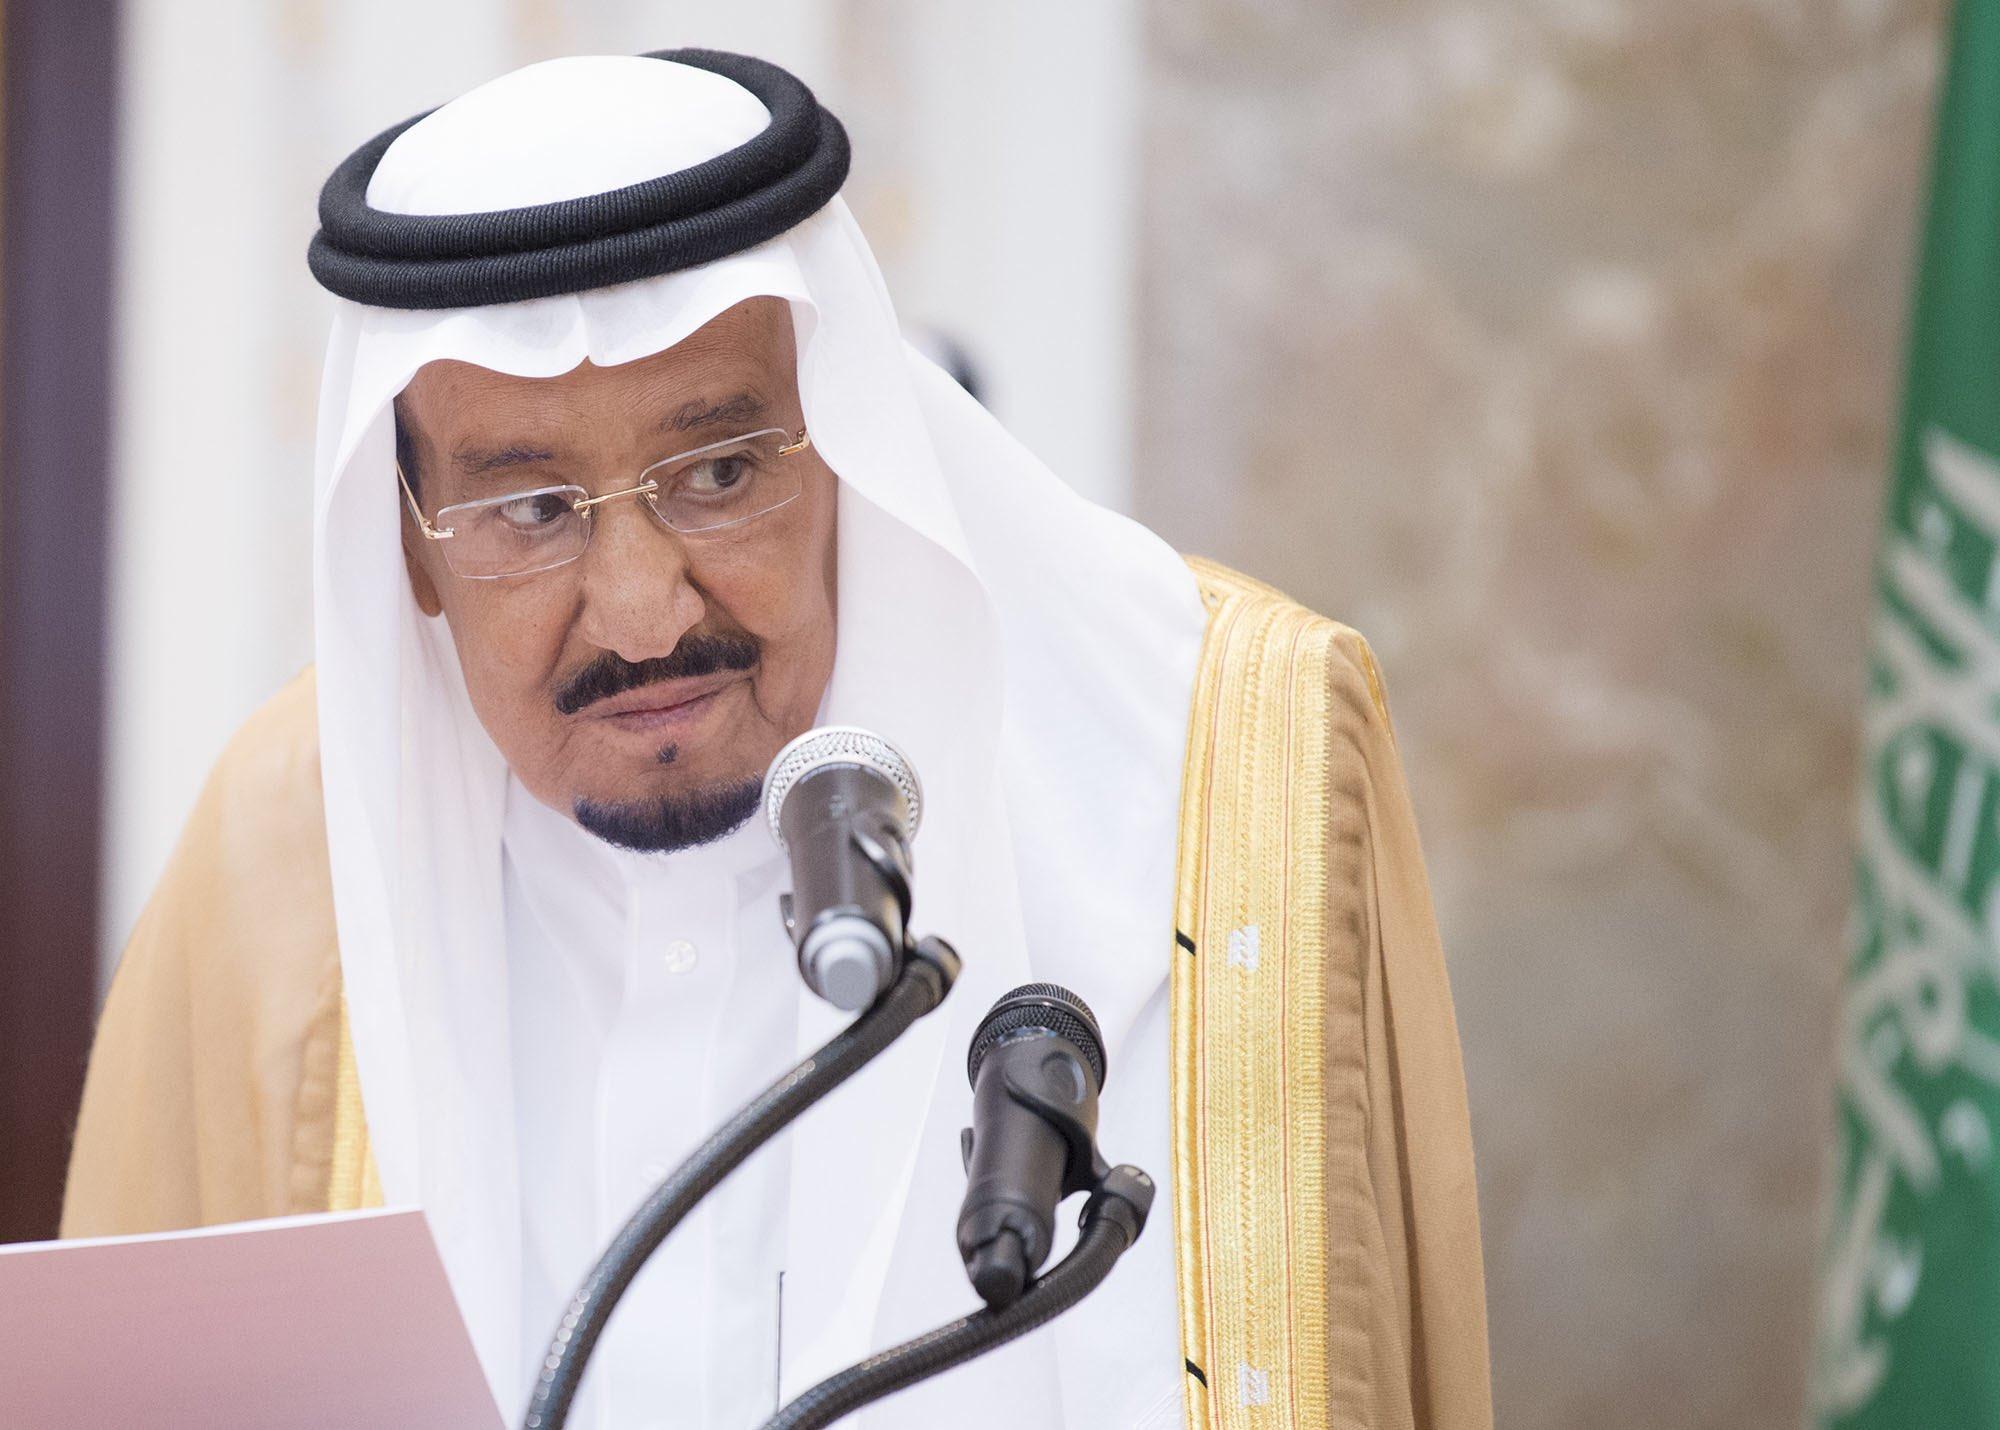 خلال استقبال كبار الشخصيات الإسلامية.. خادم الحرمين: المملكة تؤكد موقفها ضد الإرهاب